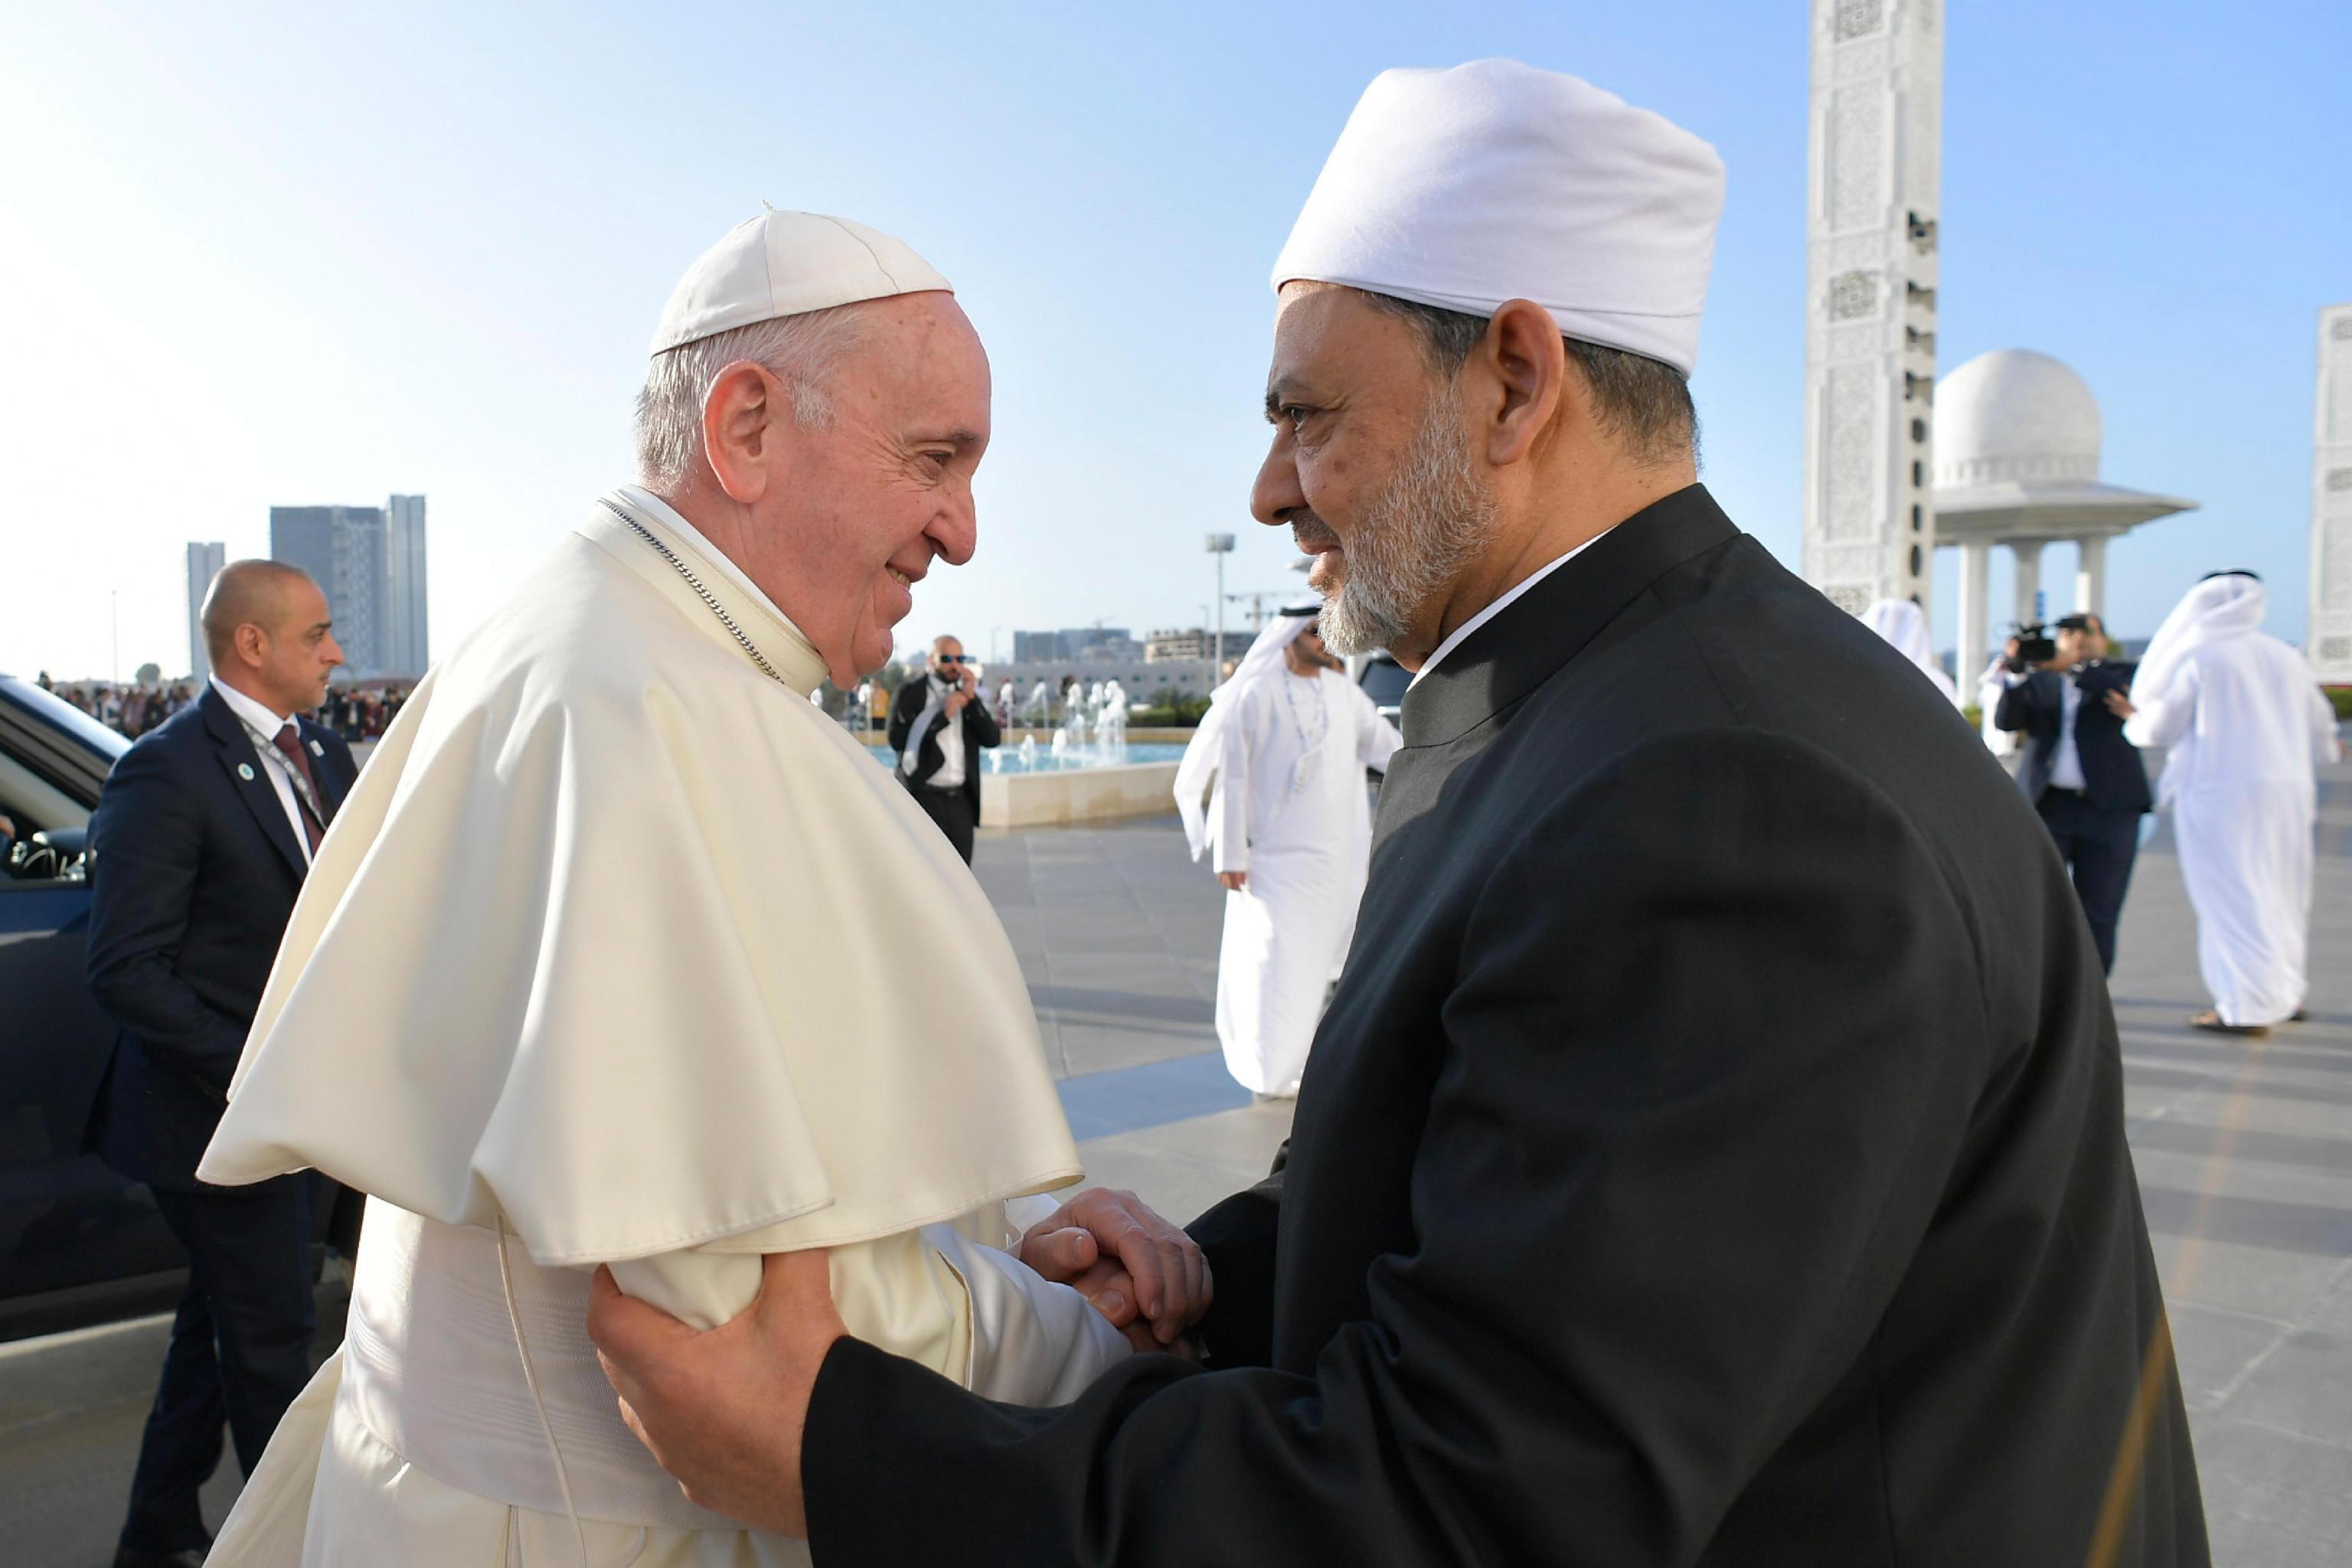 O Papa Francisco aperta a mão do grão-xeque Ahmed al-Tayeb, chefe da Al-Azhar, a principal instituição islâmica do mundo sunita, à chegada para uma reunião com os membros do Conselho Muçulmano de Anciãos na Grande Mesquita do Xeque Zayed, em Abu Dhabi, Emirados Árabes Unidos, 04 de fevereiro de 2019. EPA / VATICANO.